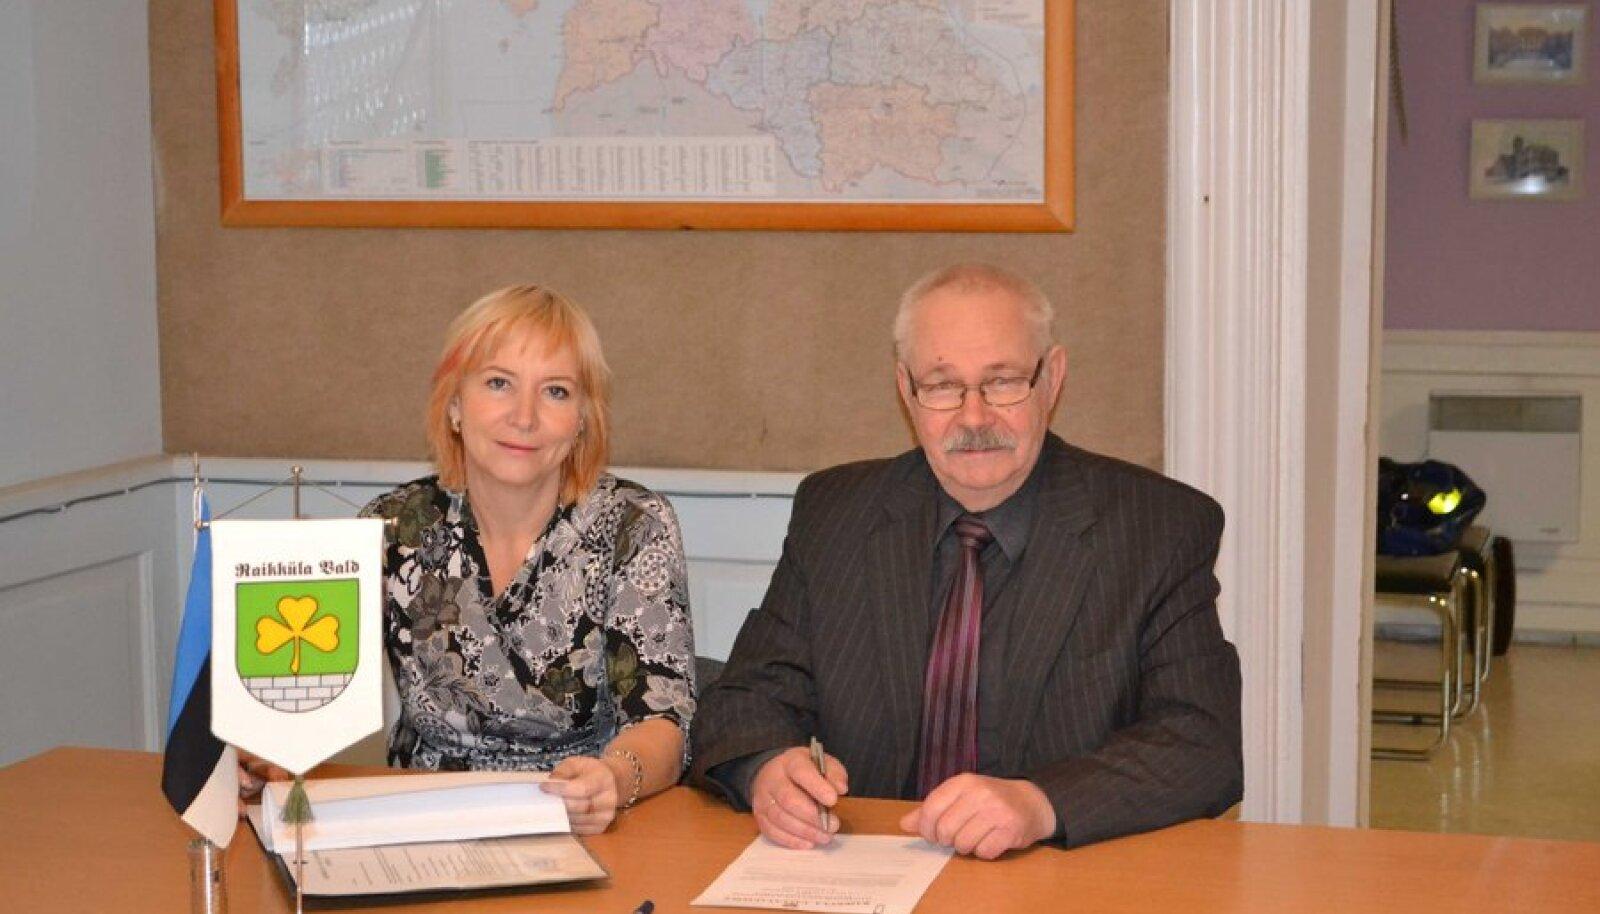 Uus vallavanem Anne Leht ja mitu valimisperioodi vallavanem olnud Jaan Truuts pärast volituste üleandmist